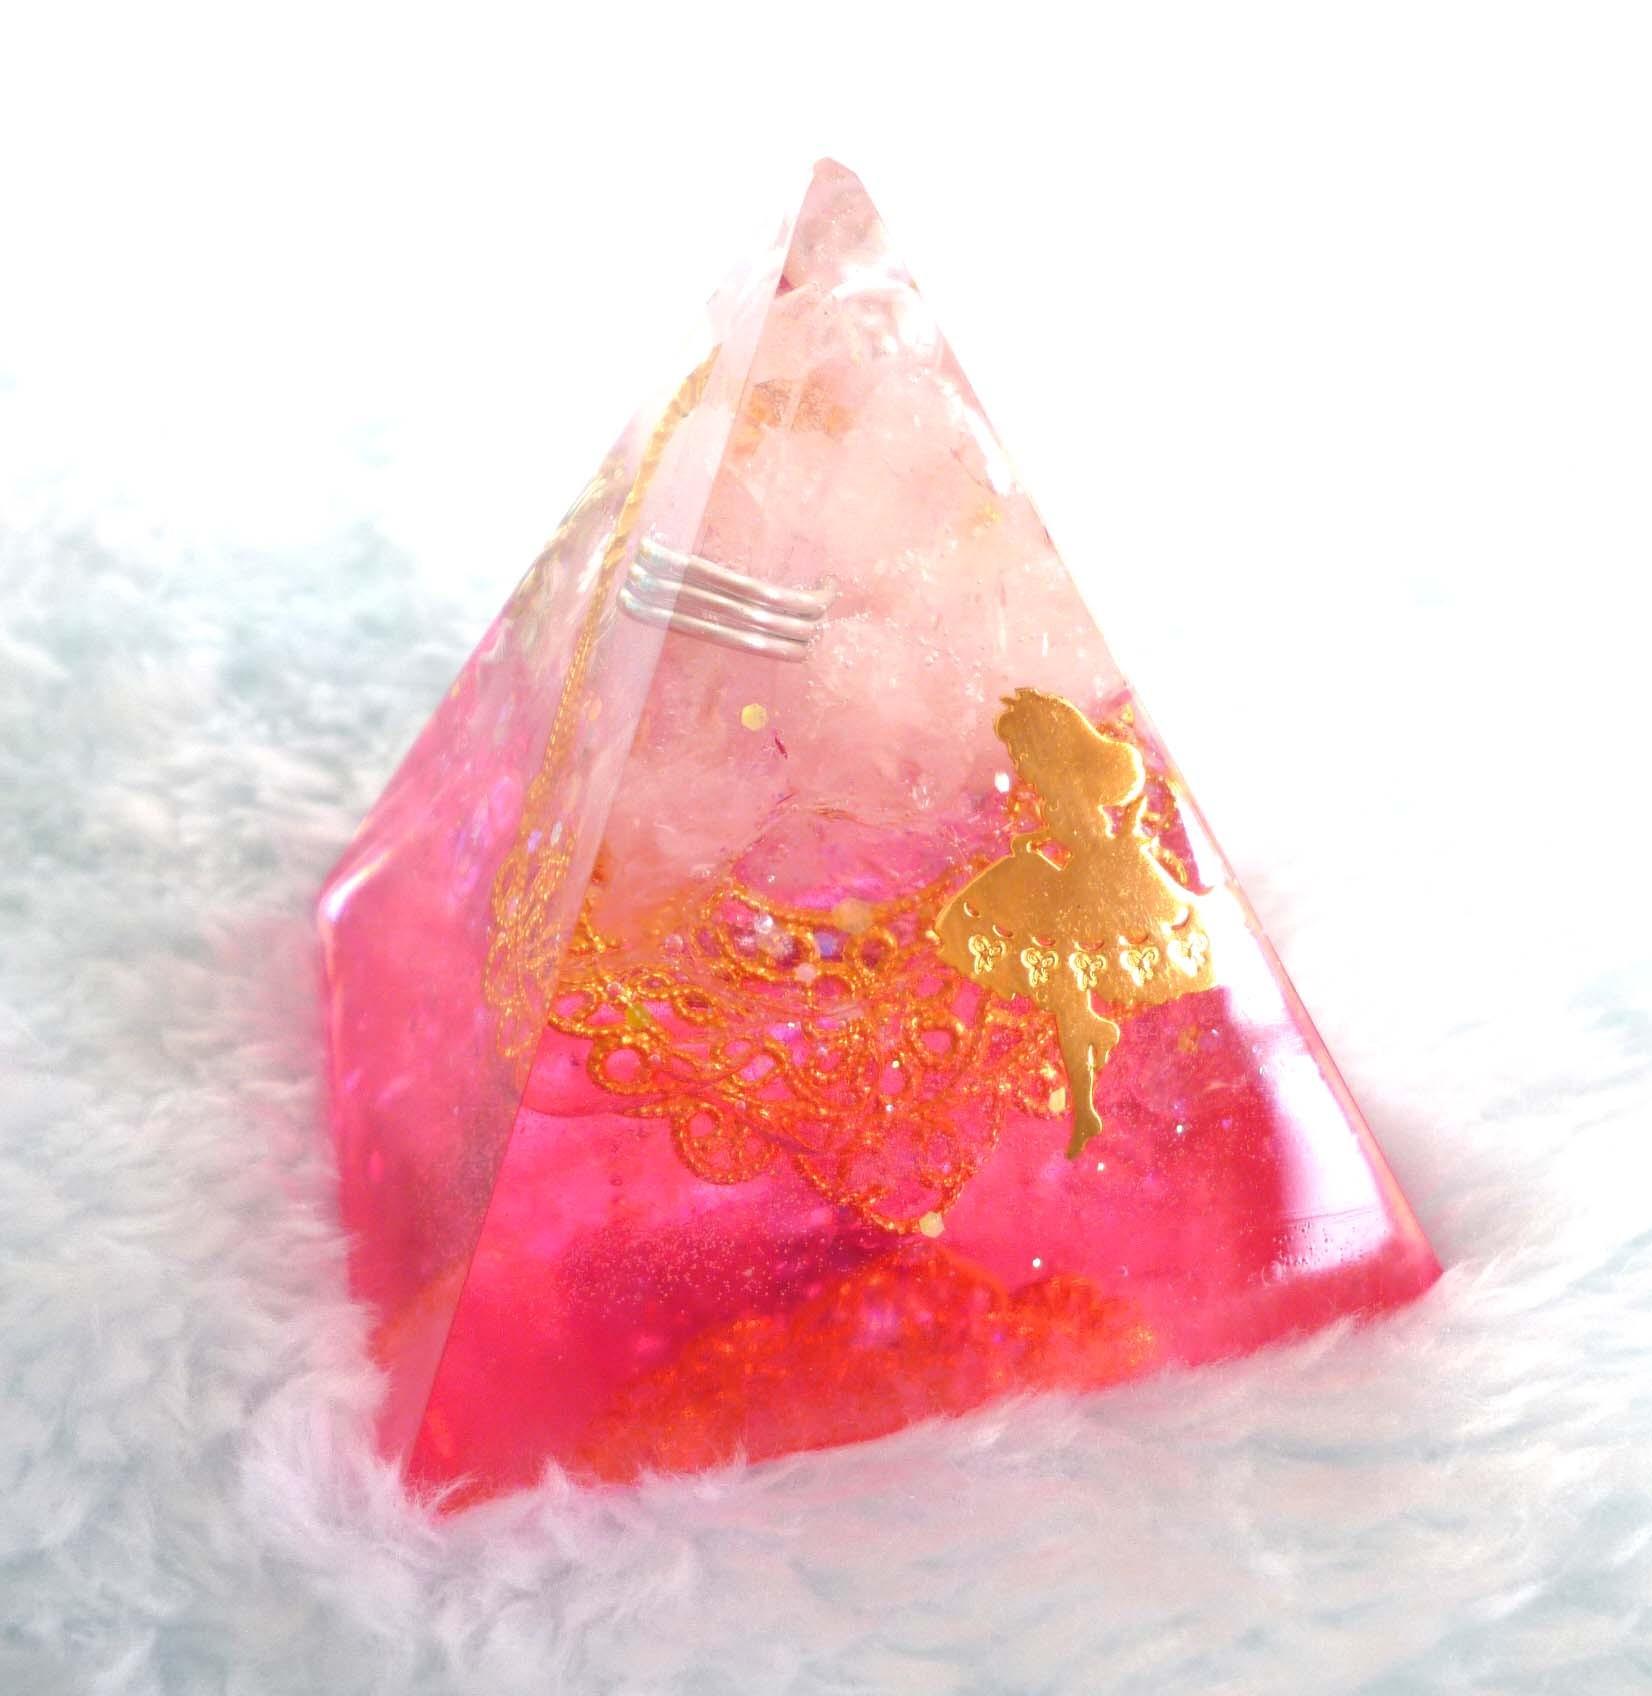 アリス・ストロベリー ピラミッド型Sオルゴナイト